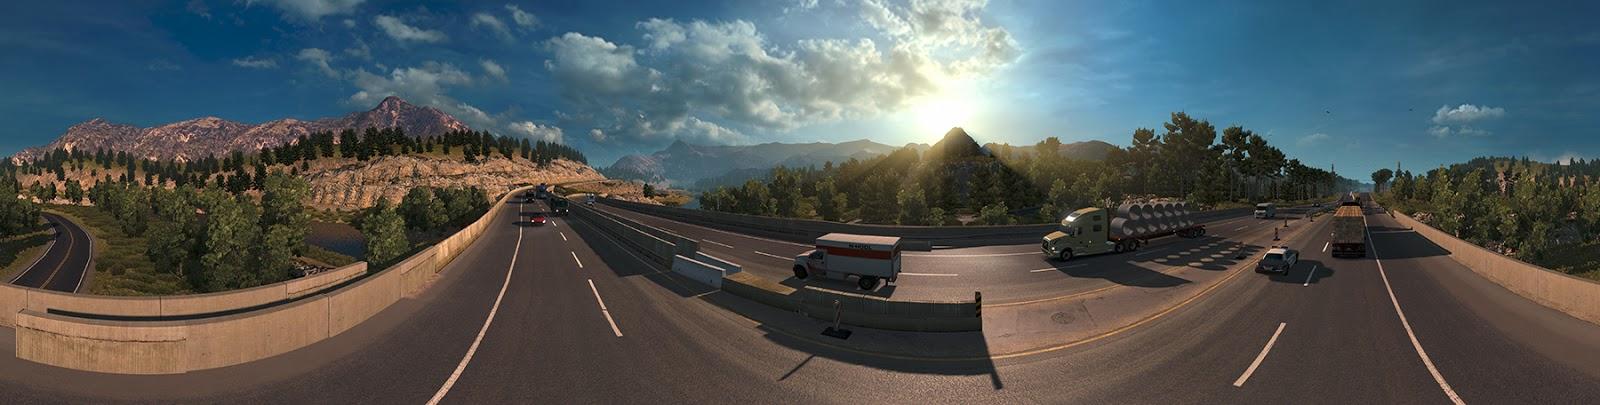 Druhá část rozhovoru s tvůrci American Truck Simulatoru 116422